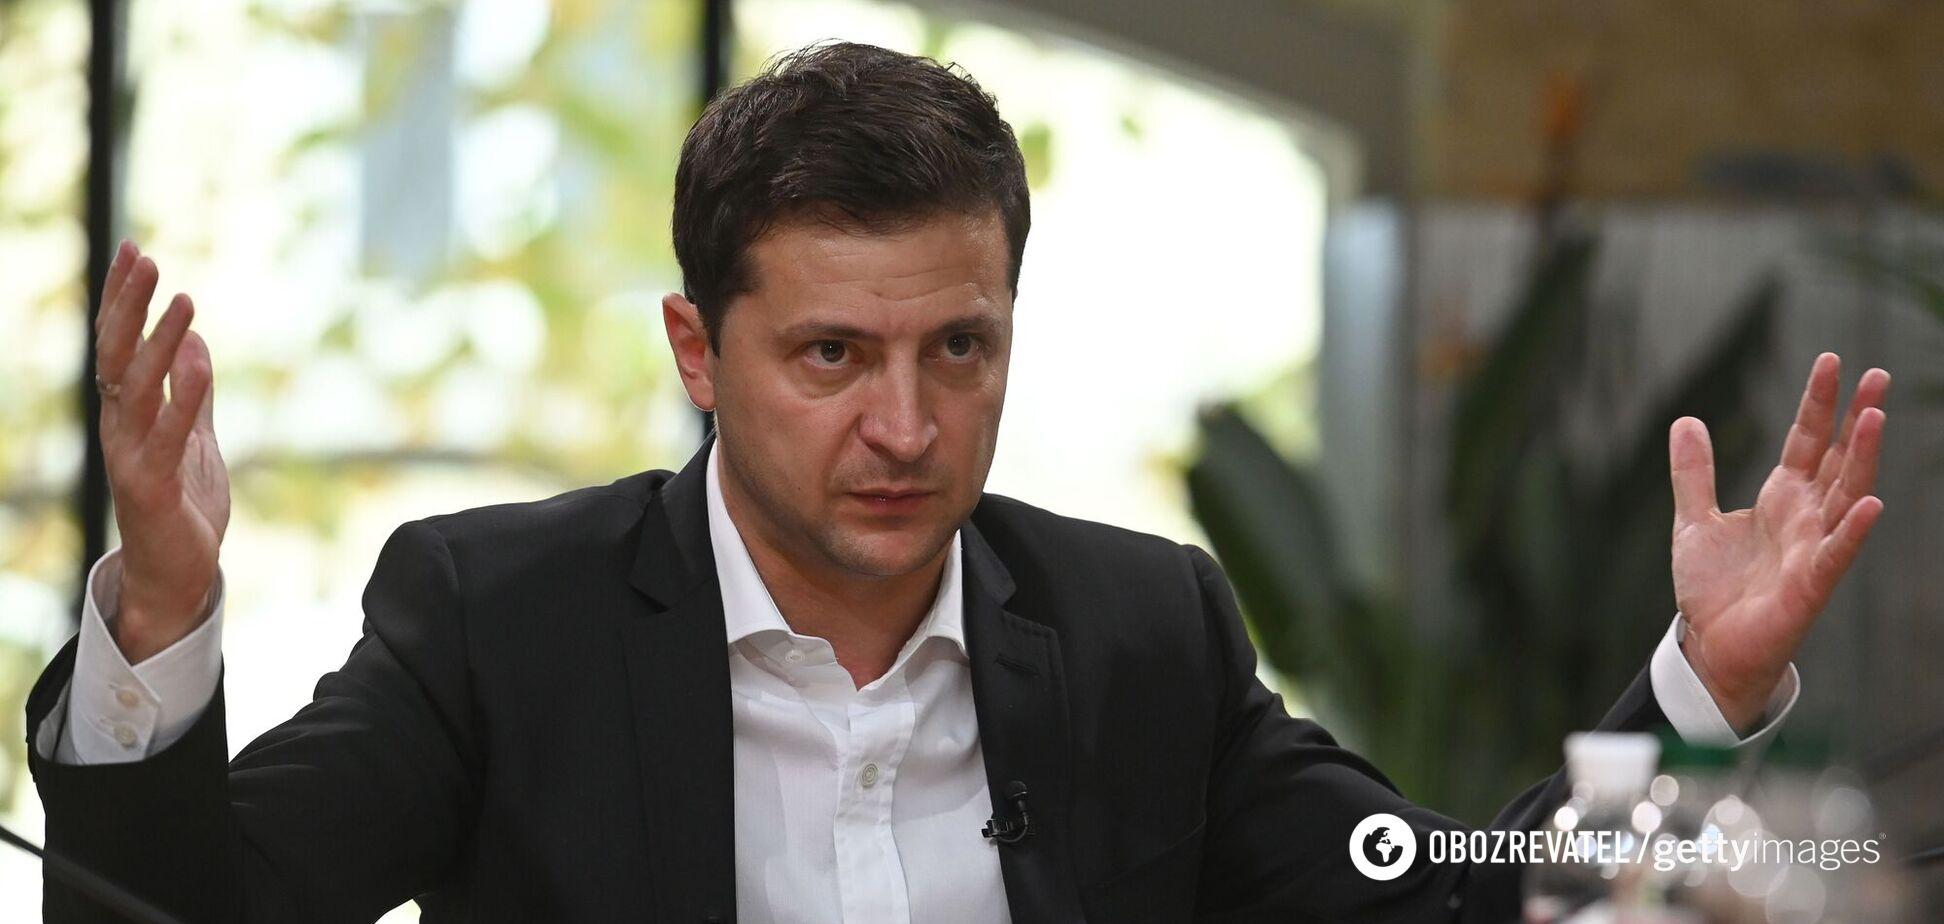 Зеленський: наступу ЗСУ на Донбасі не буде